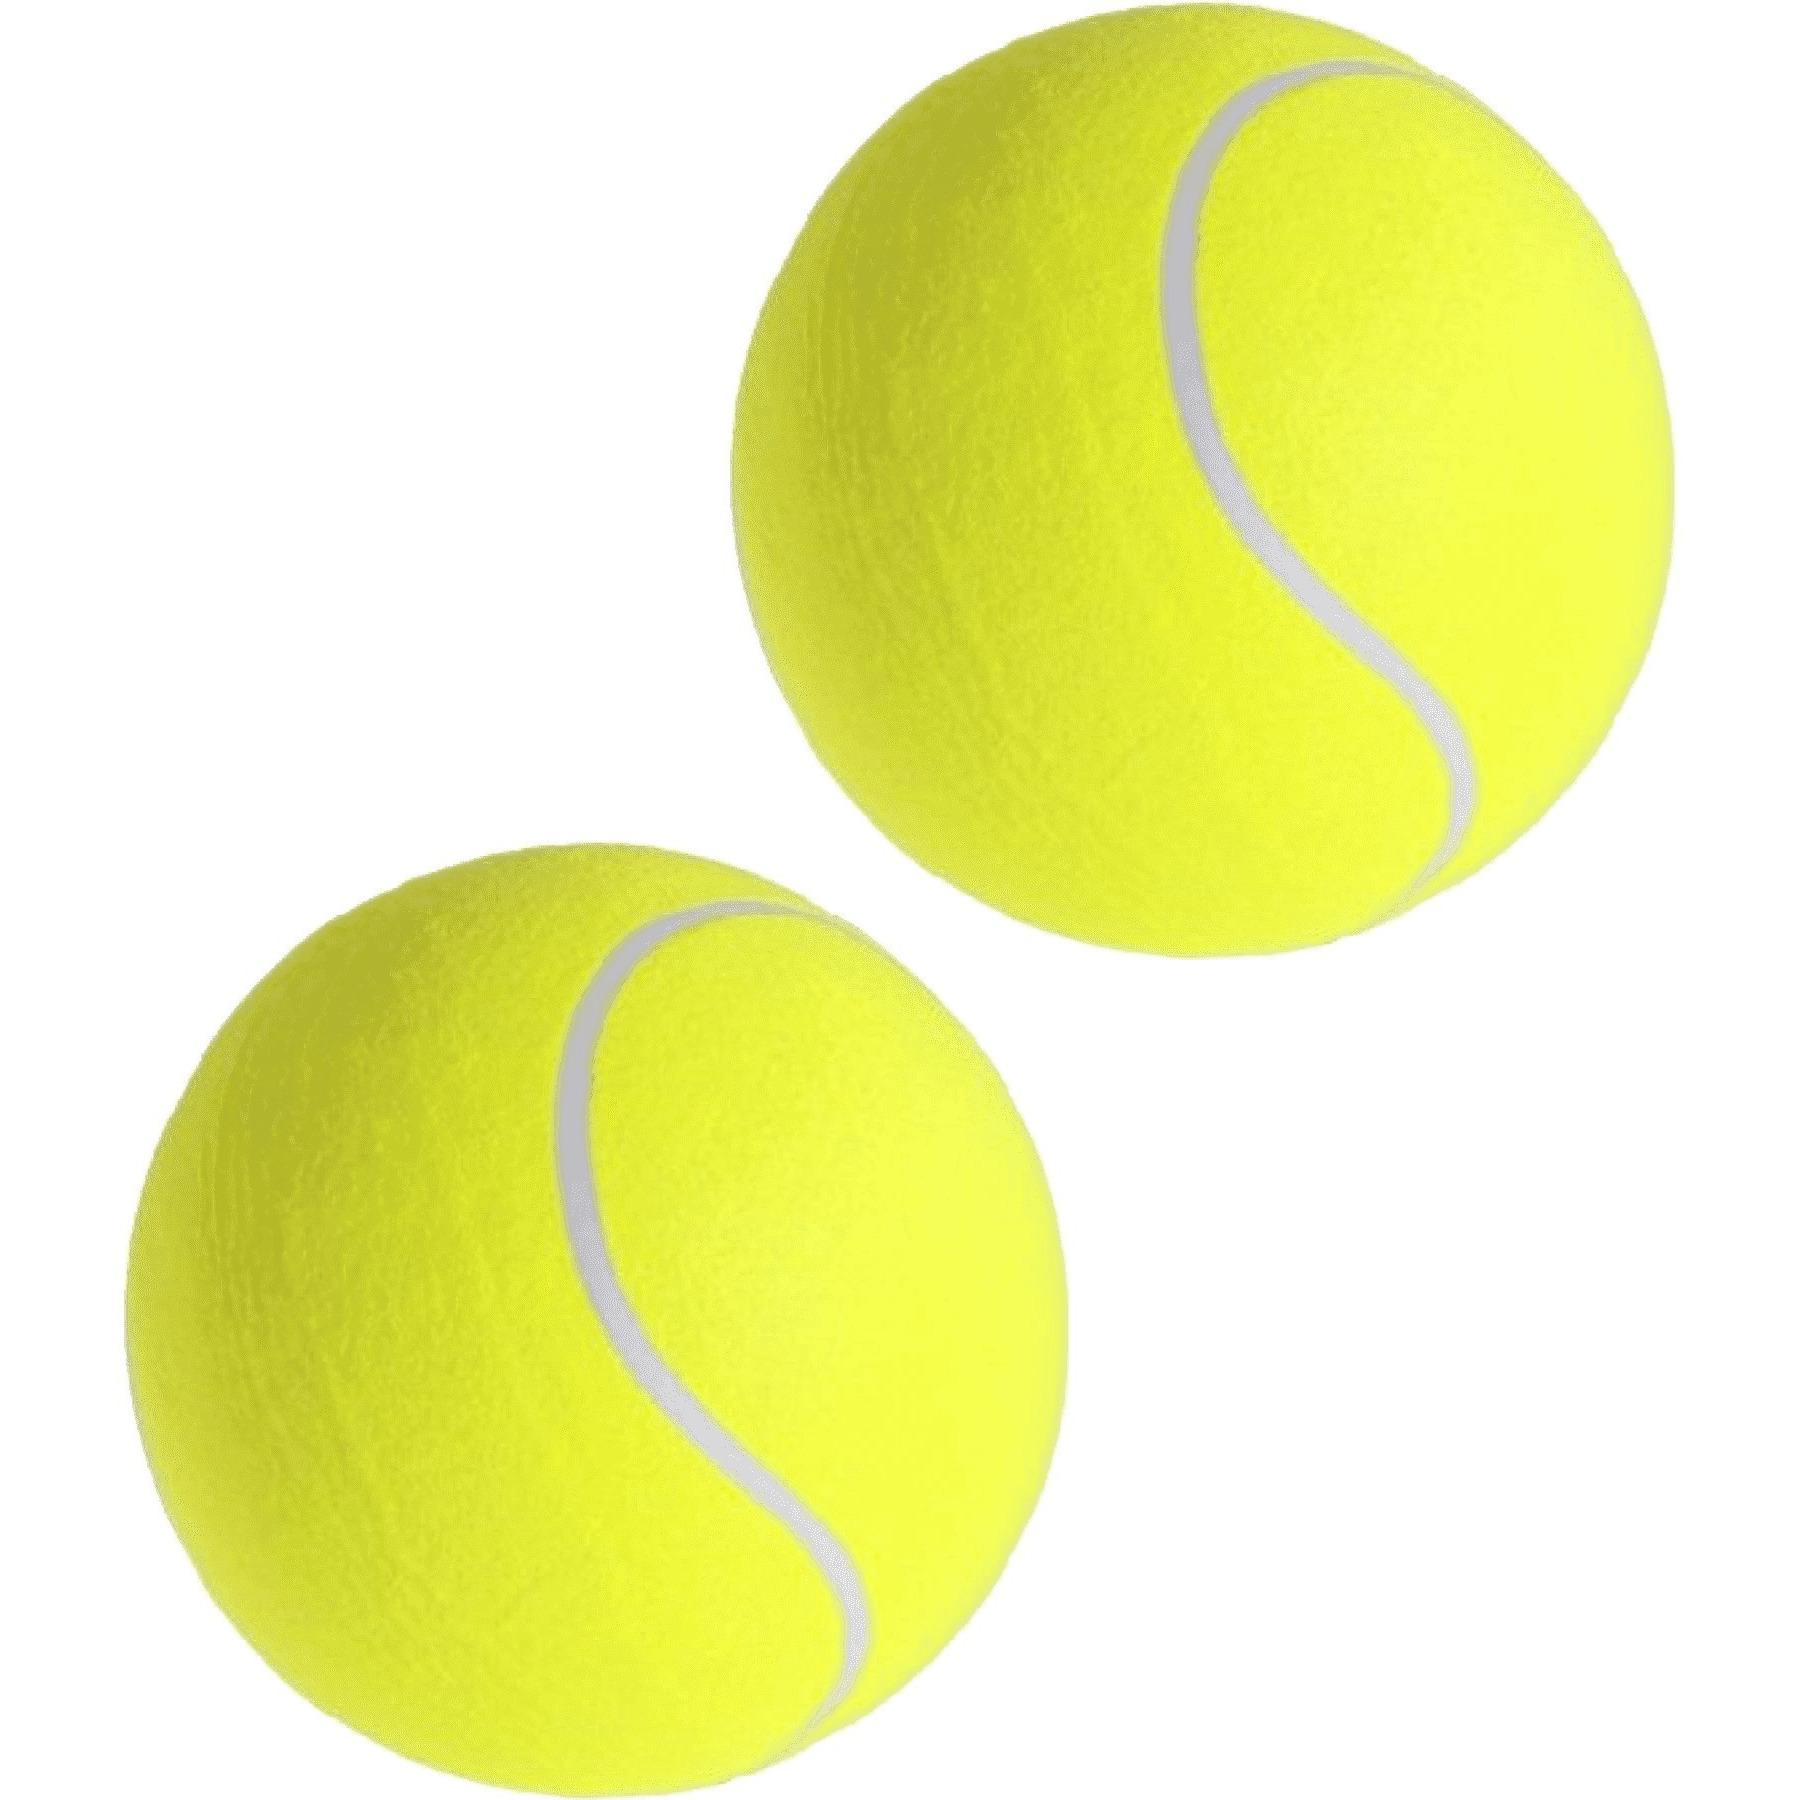 2x Mega tennisballen XXL geel 22 cm speelgoed-sportartikelen